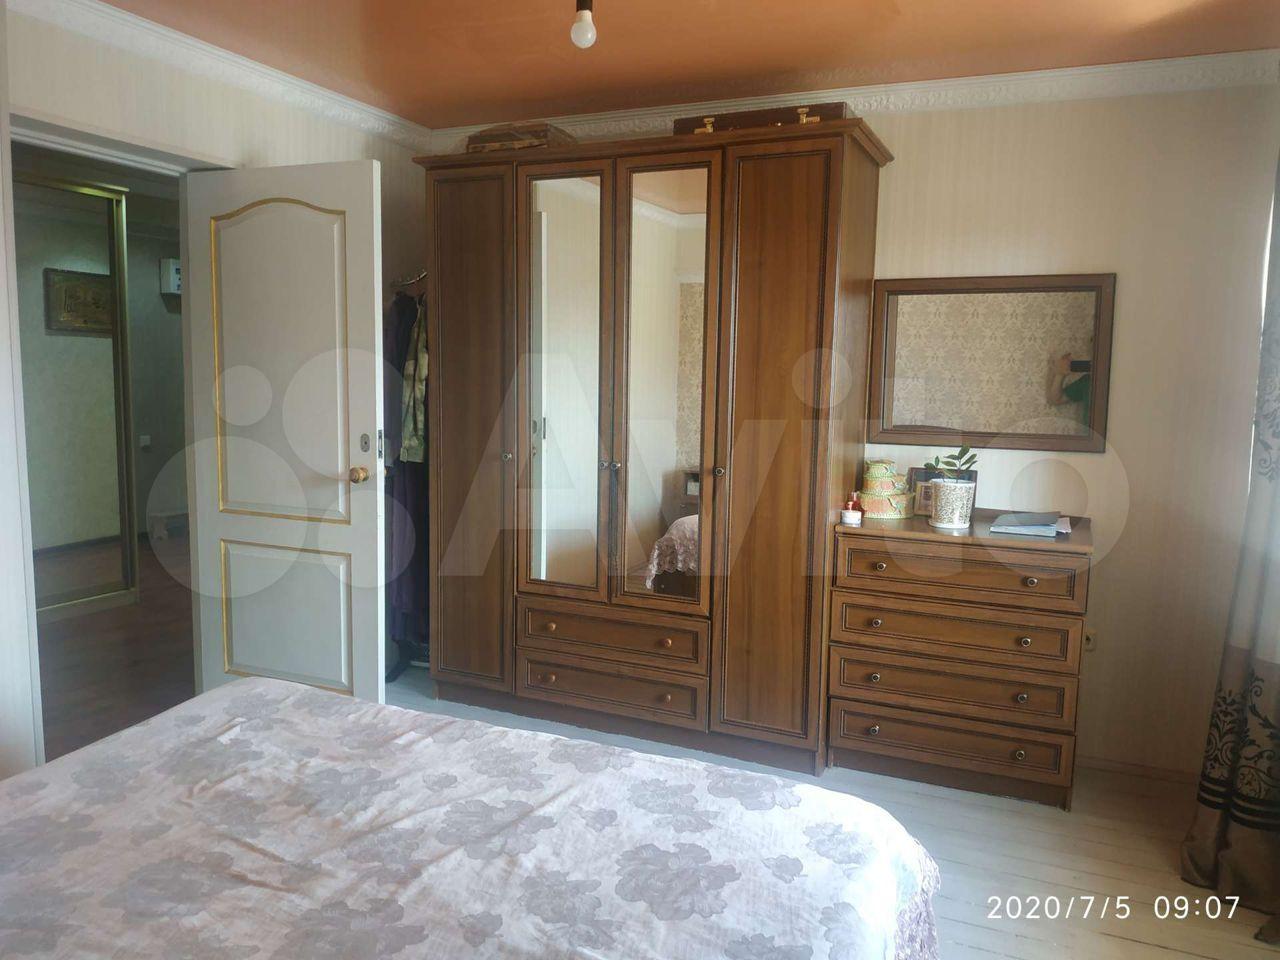 2-к квартира, 64 м², 9/9 эт.  89659546408 купить 2